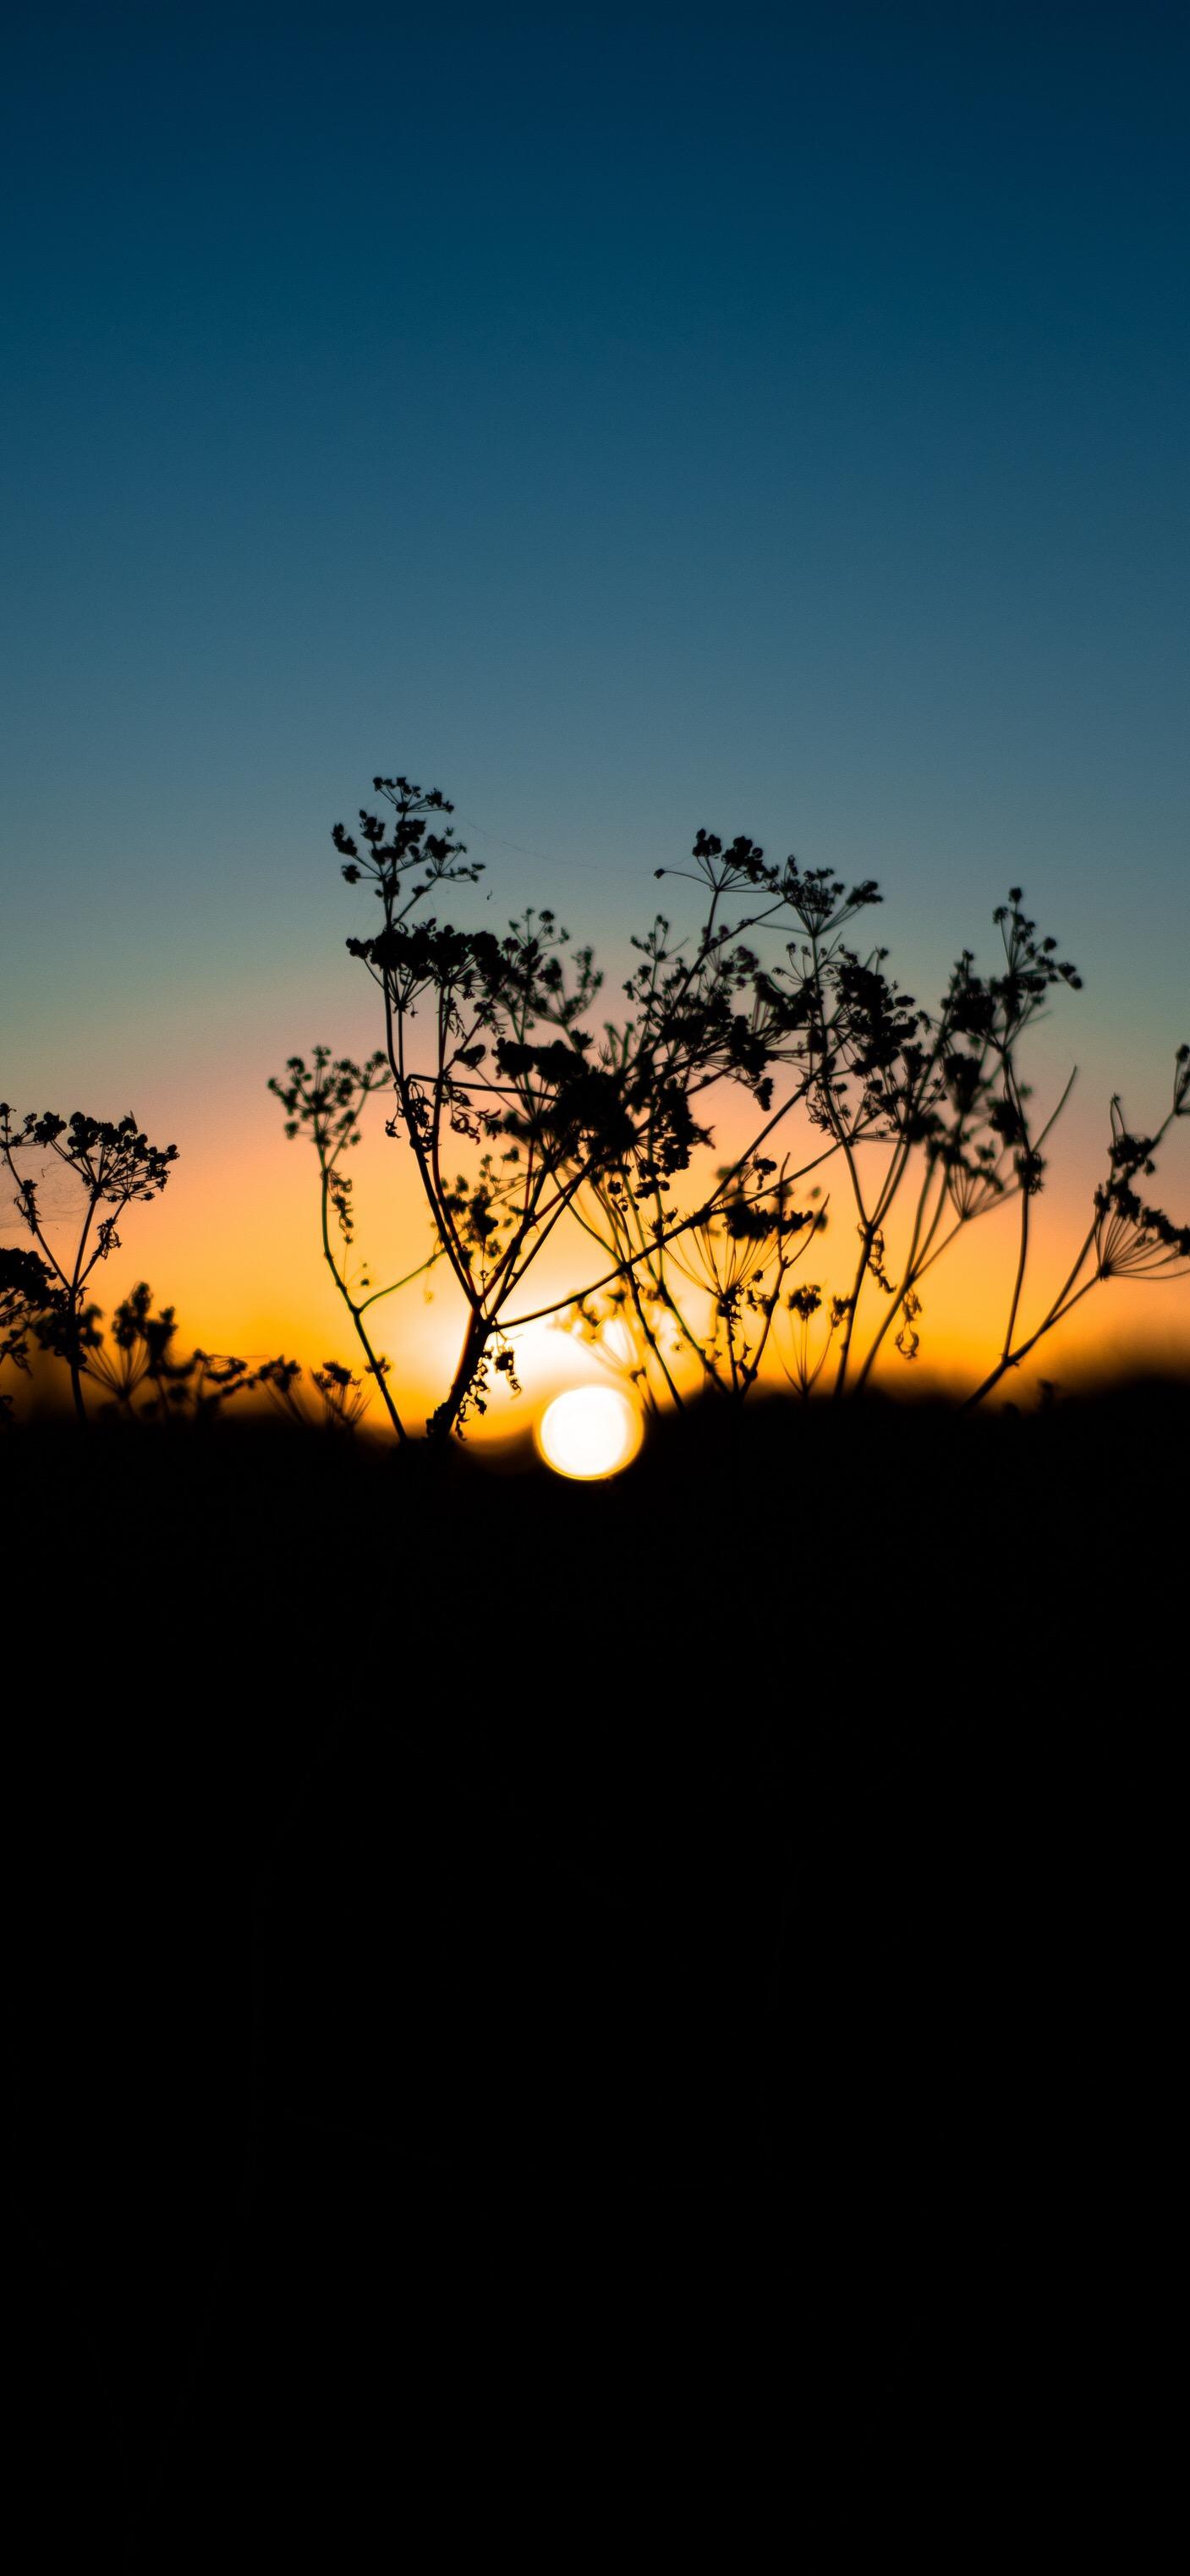 日出东方朝阳把世界点亮,图片尺寸1407*3045